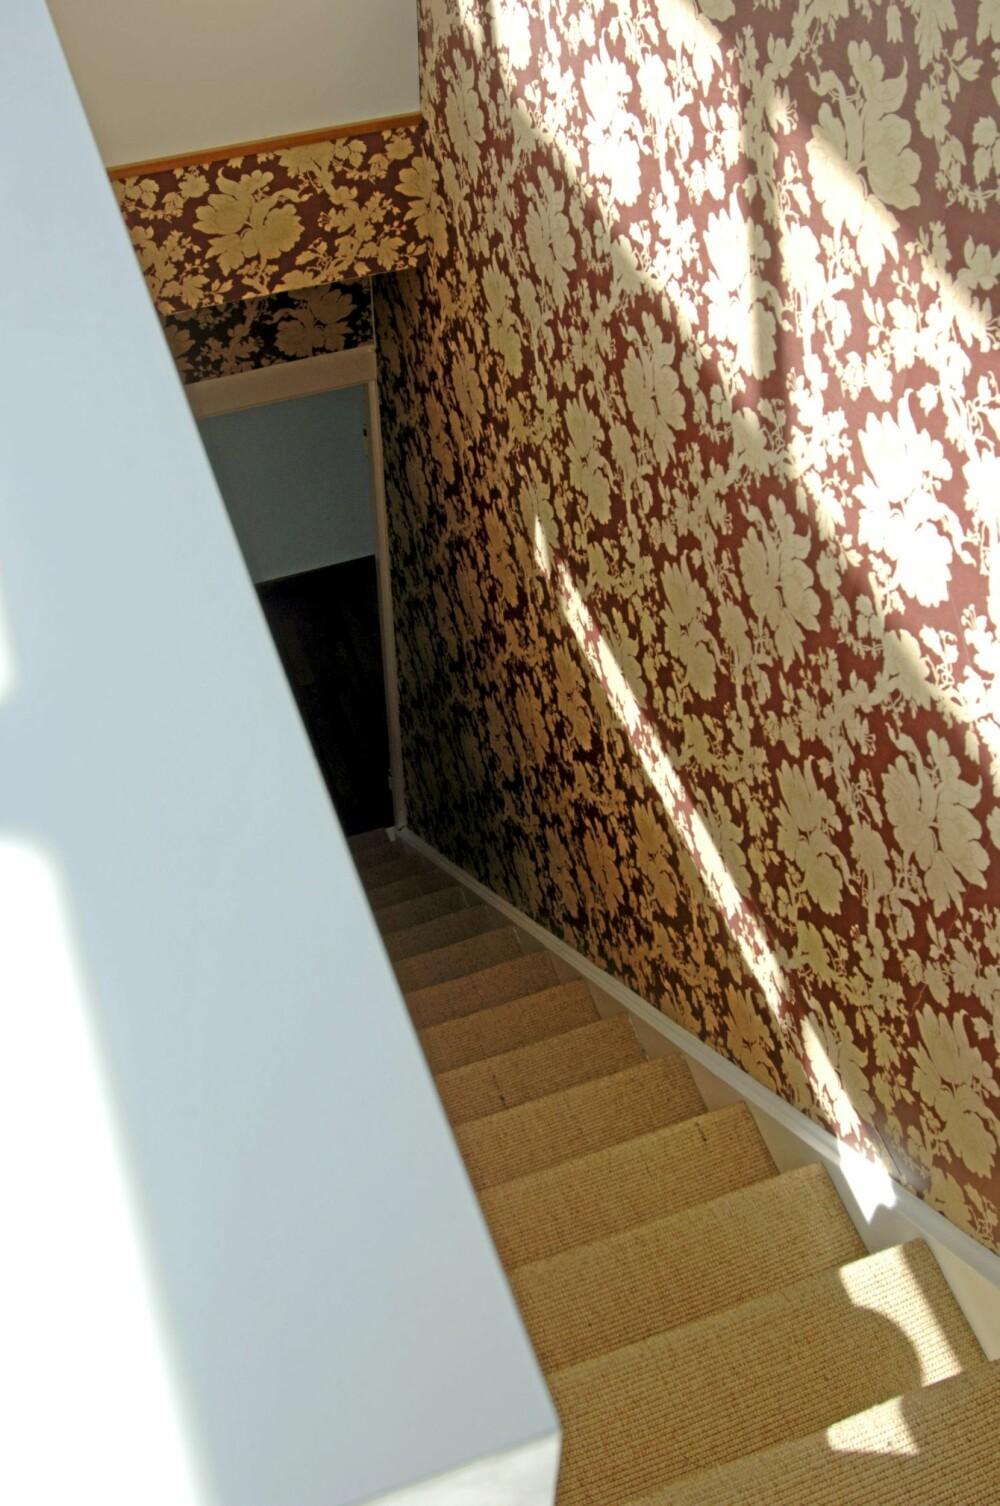 KONTASTER: Sprek trapp mot toppen. Det barokke tapet står i spenstig kontrast til alt det hvite i leiligheten. Sklisikre sisaltepper er gode å ha i slike bratte trapper.